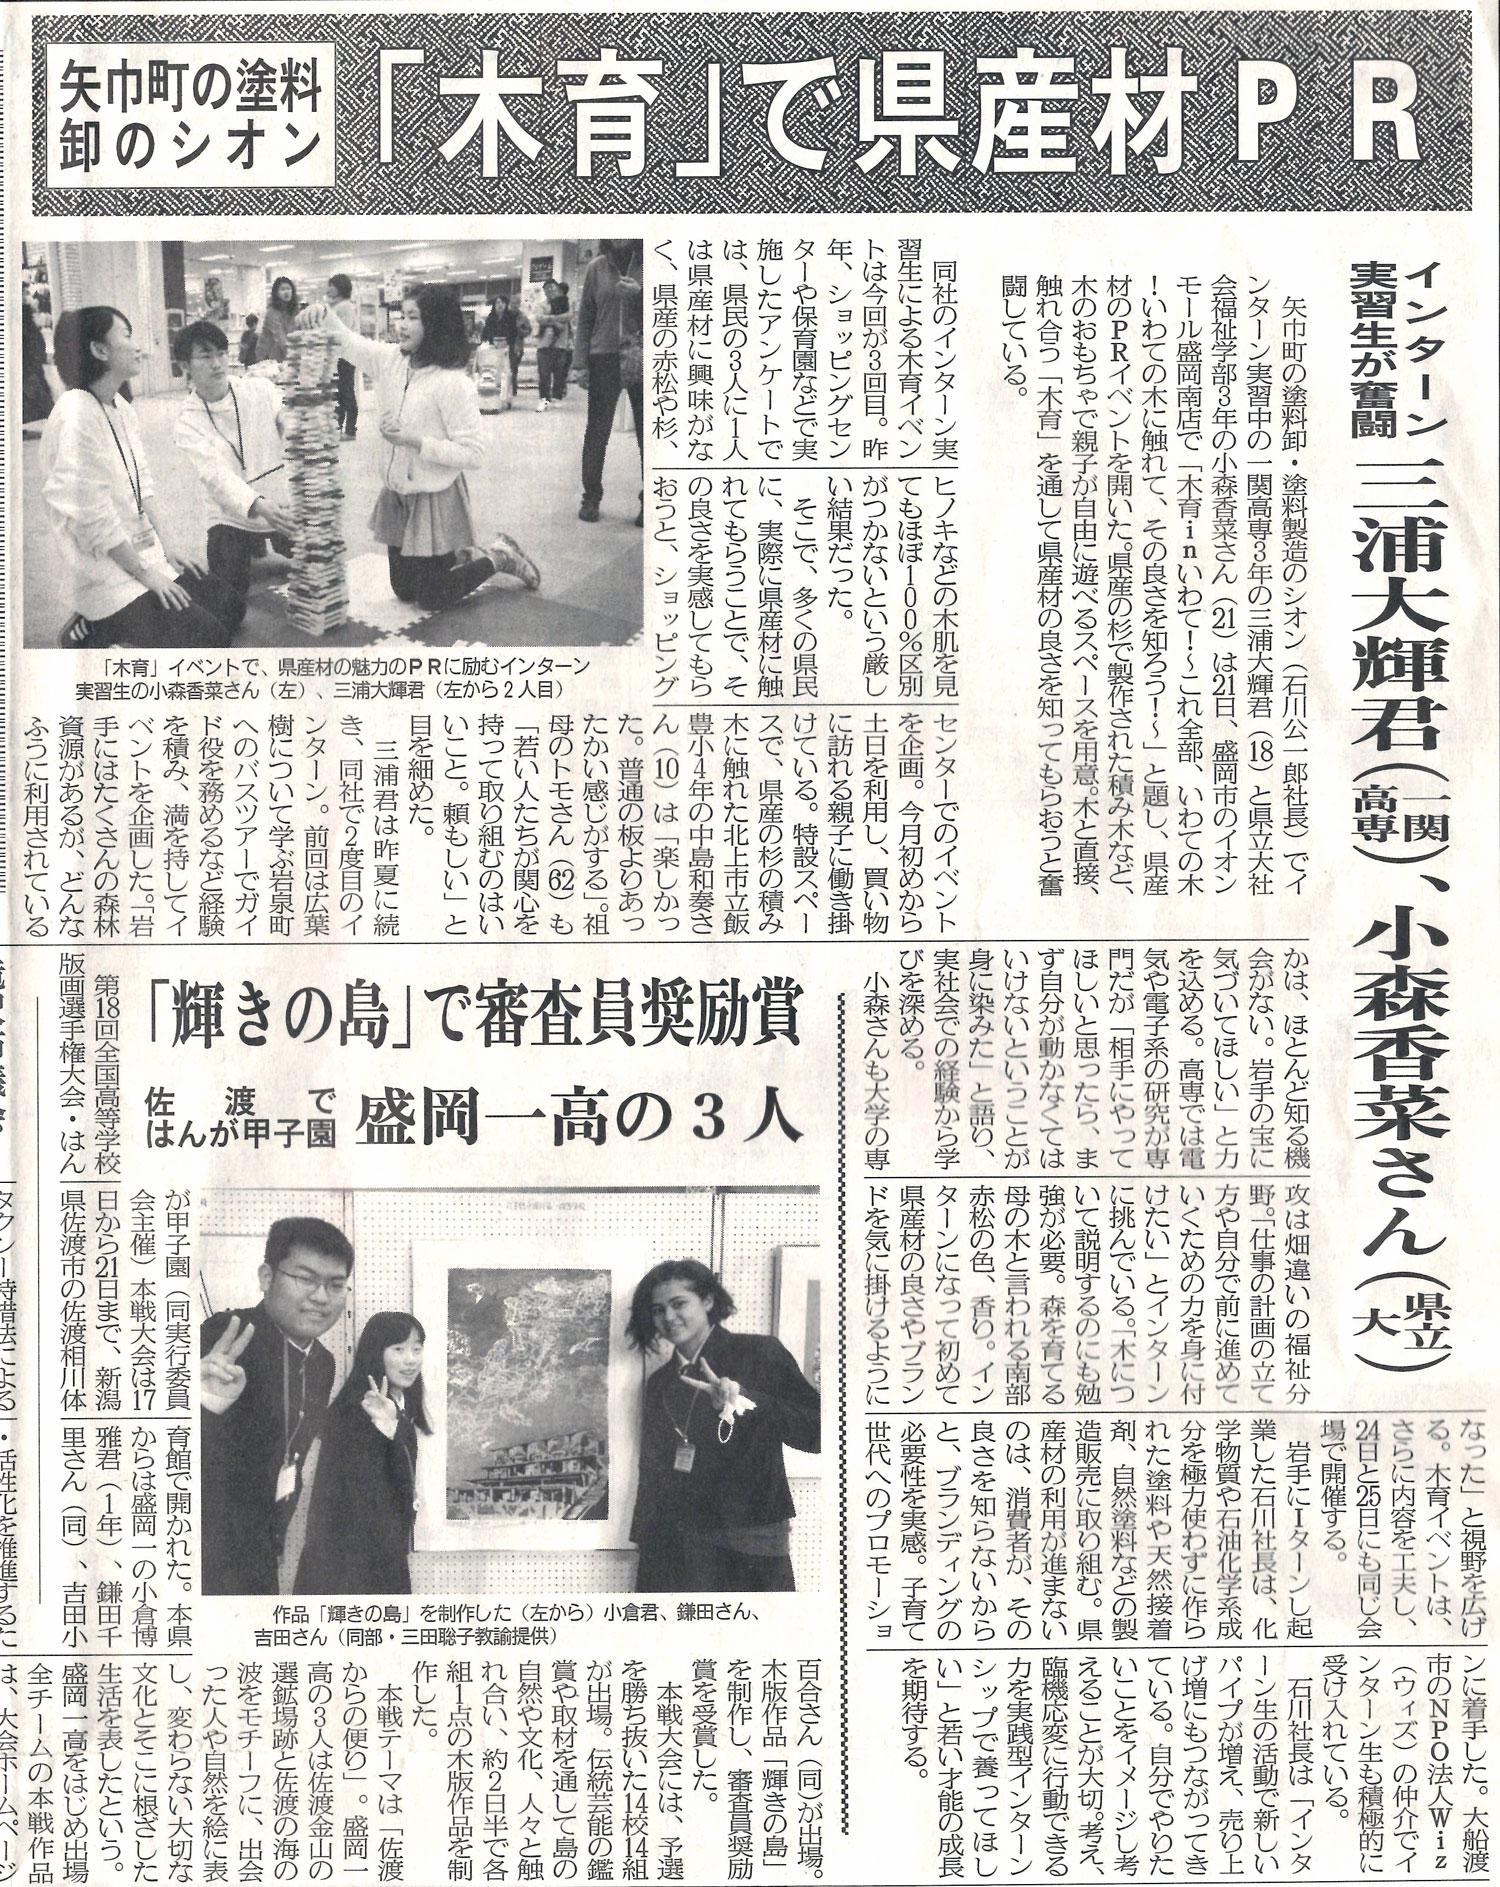 盛岡タイムス2018.03.23新聞記事